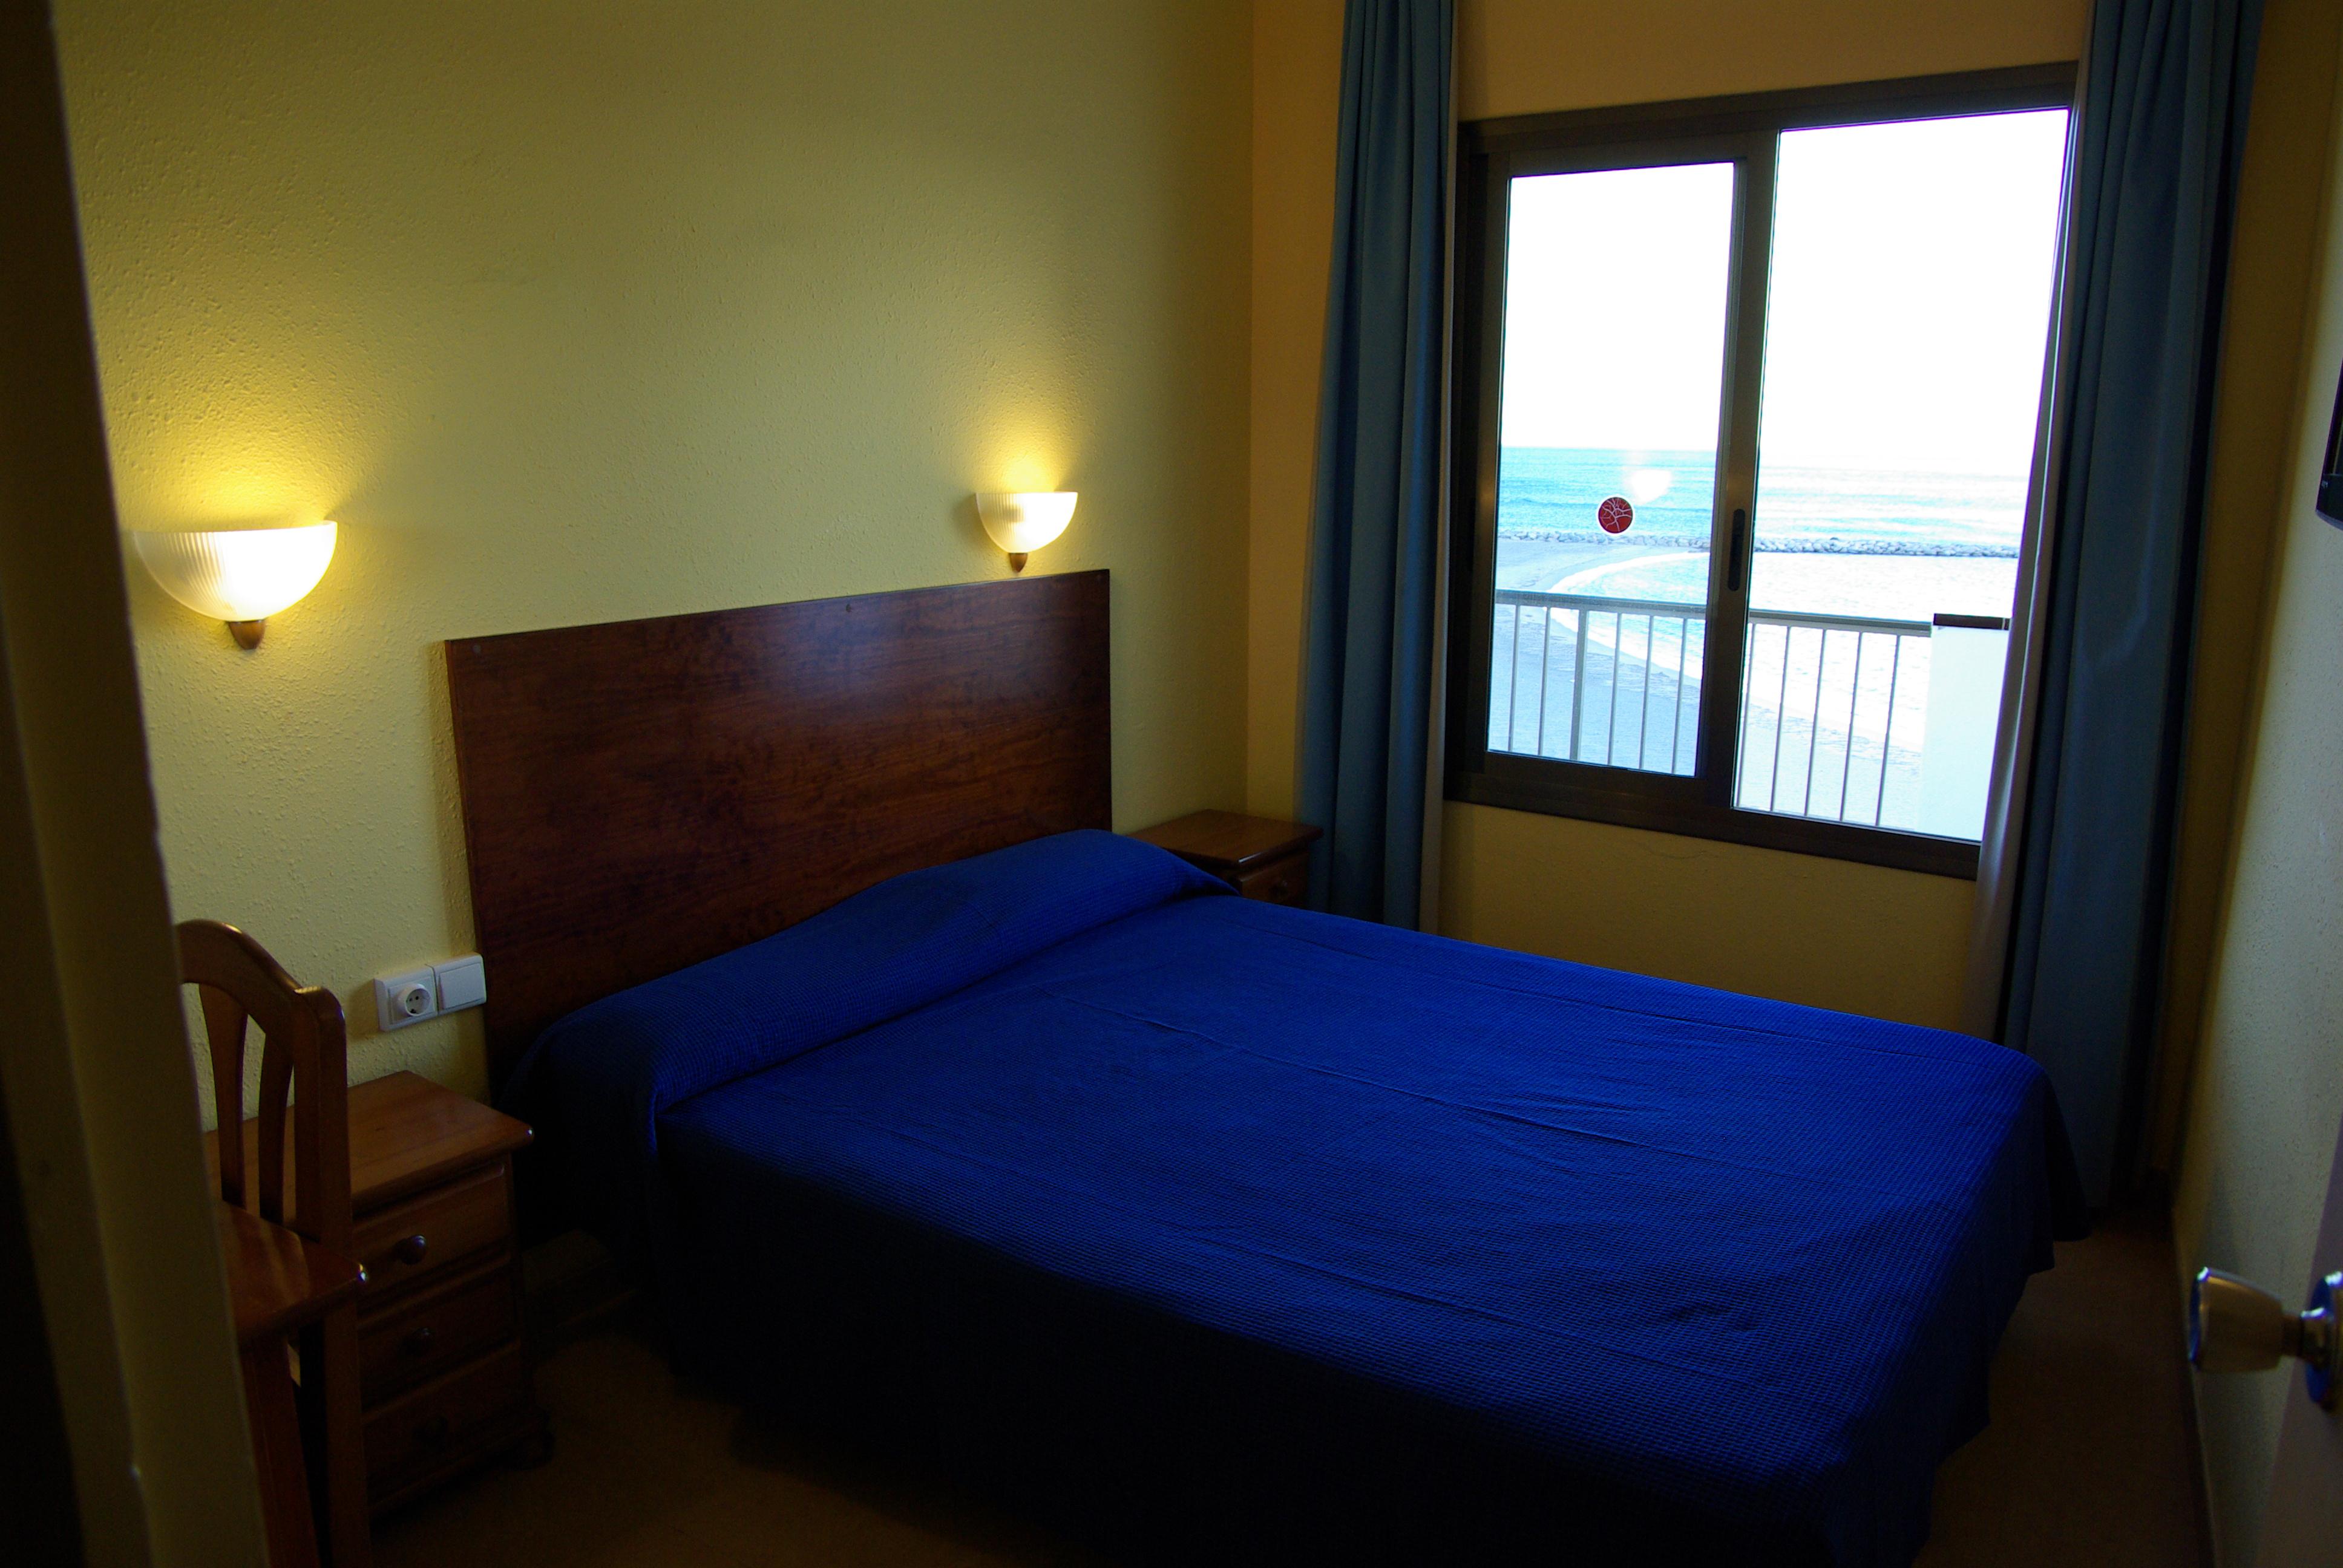 Hotel Vistamar Costa Dorada Tarragona.